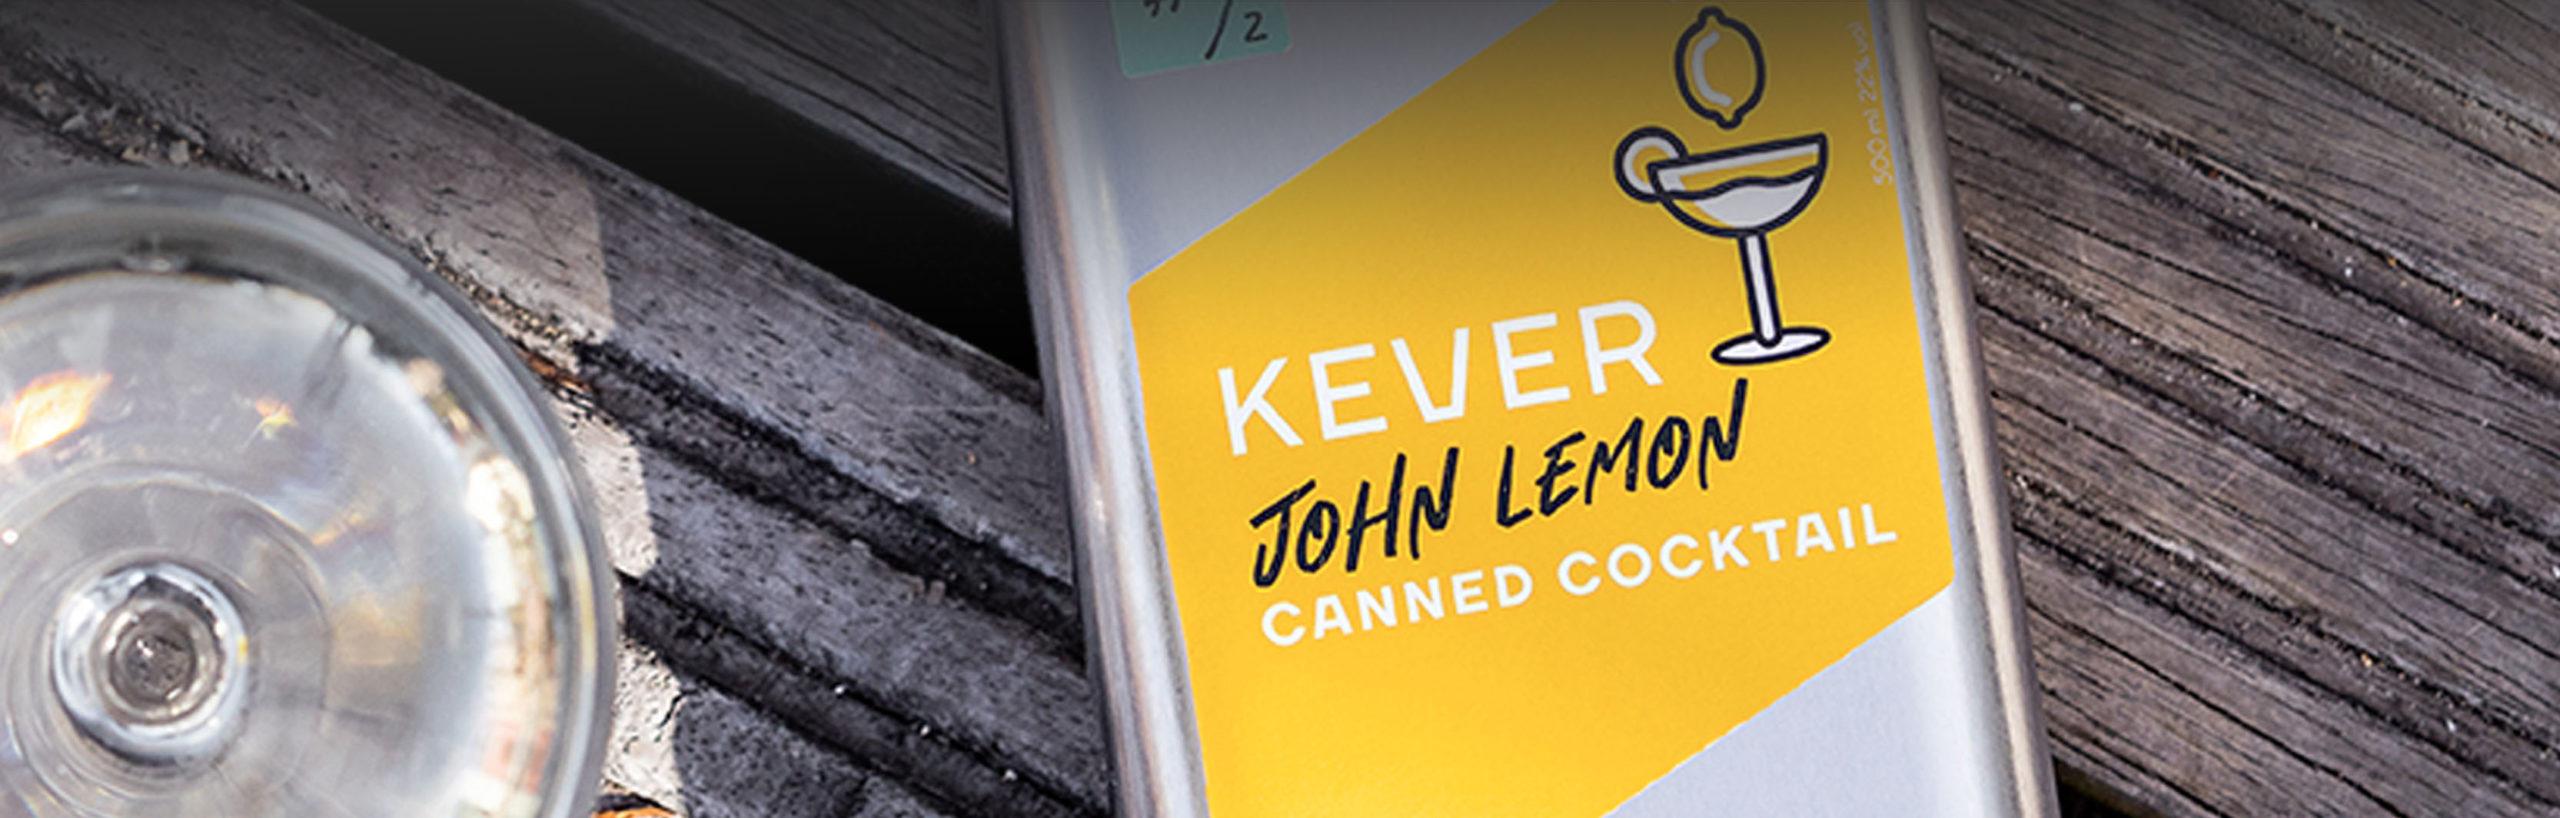 John Lemon banner